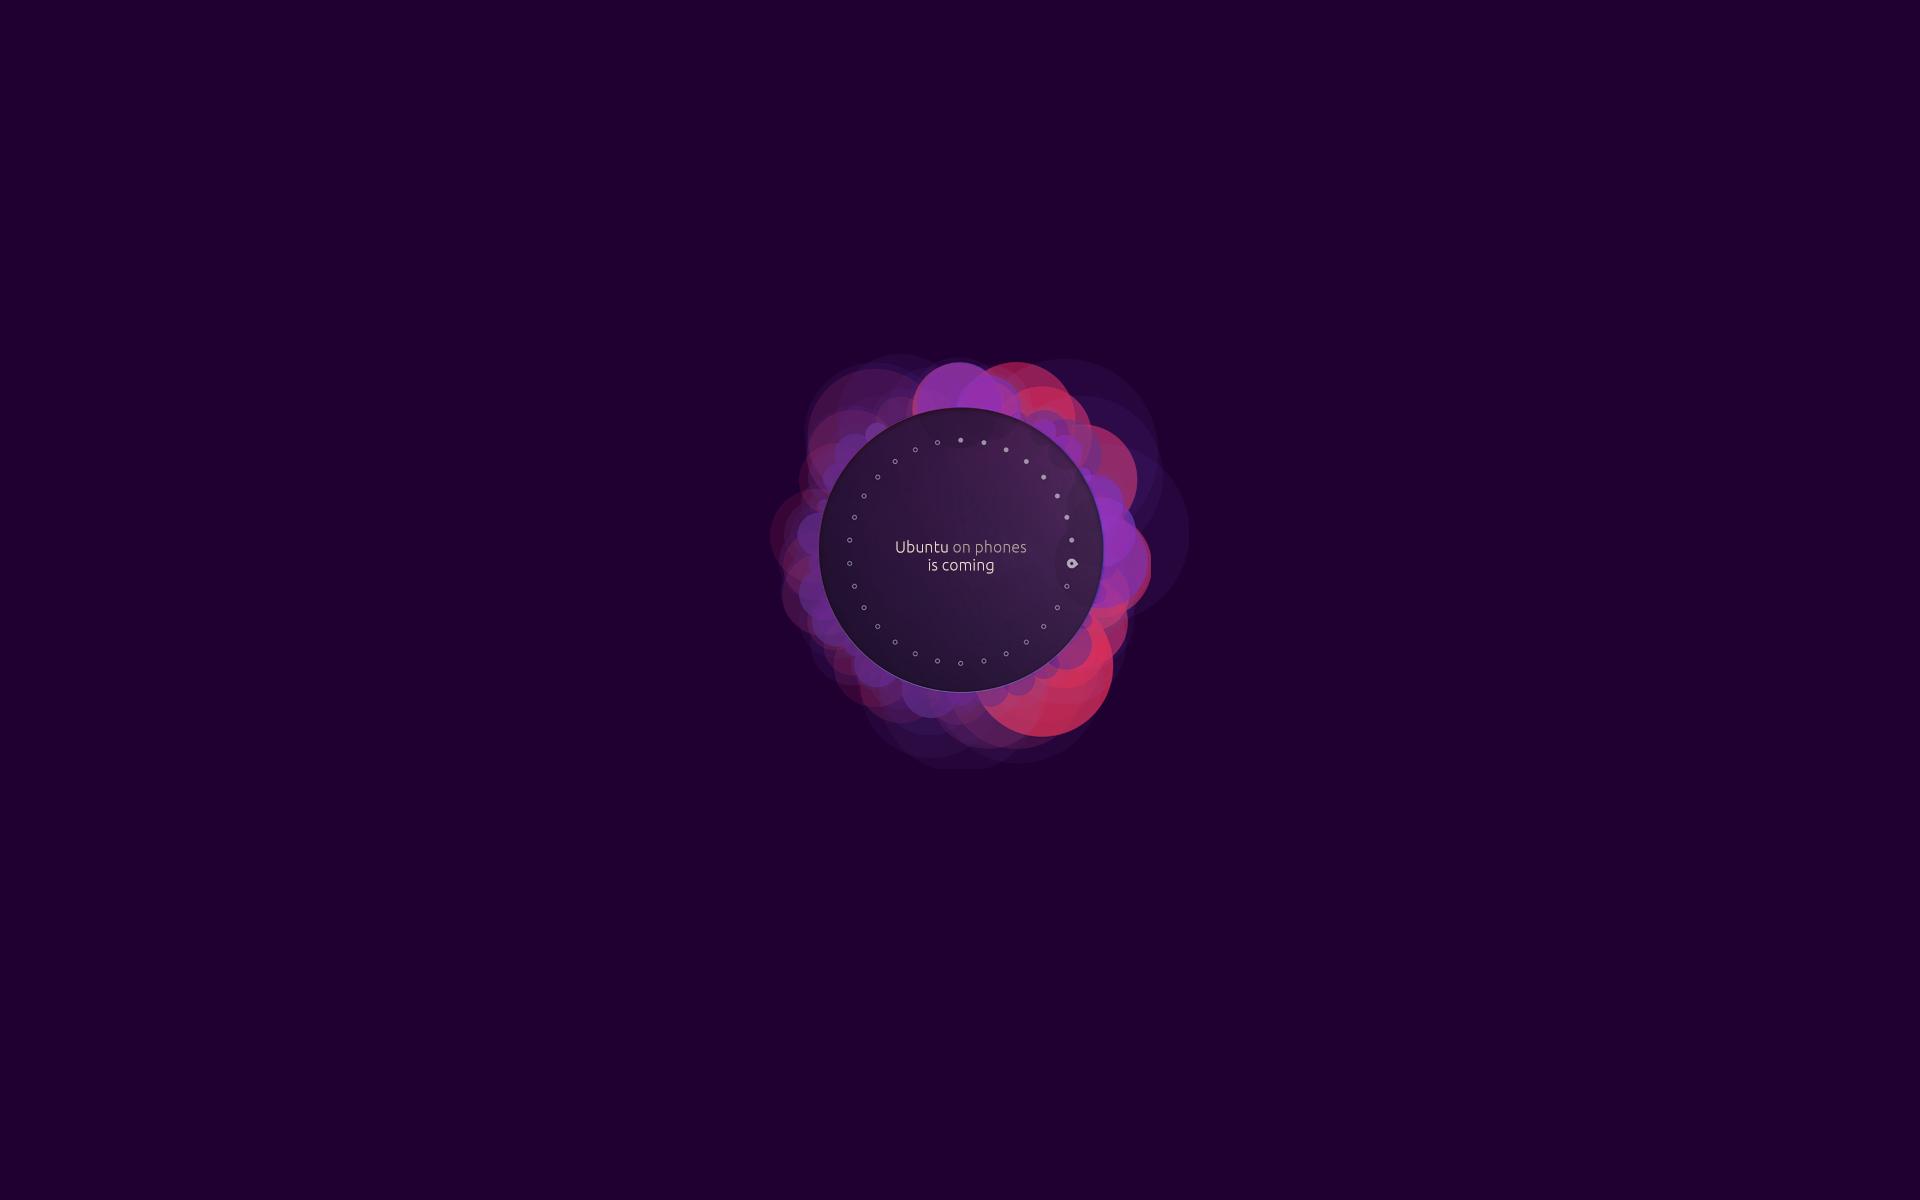 |نوێ| شێوازو ڕوکاری دا بەشە تازەکەی Ubuntu 16